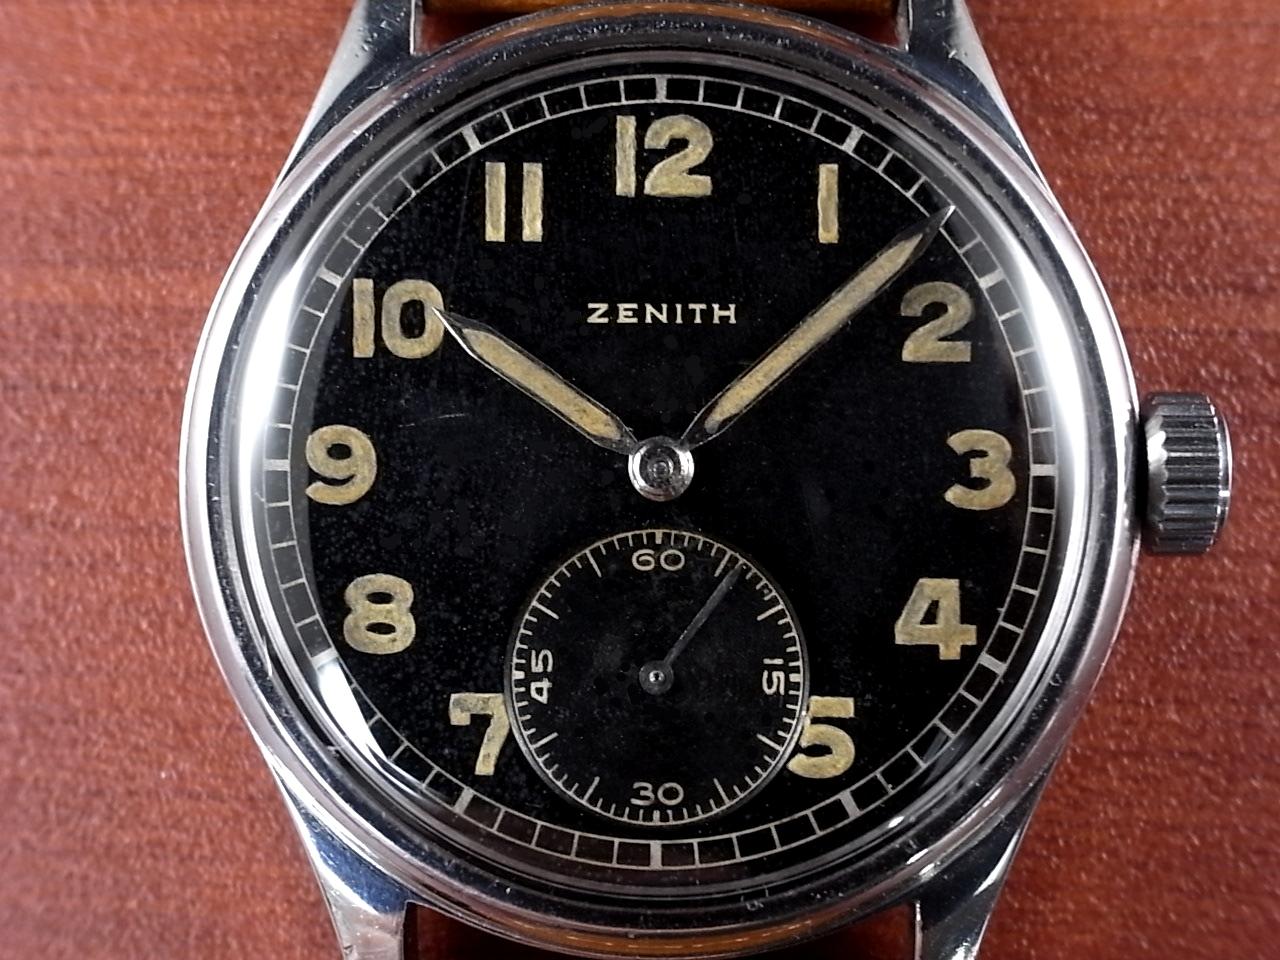 ゼニス 軍用時計 ドイツ陸軍 DH SSケース スクリューバック 1940年代 の写真2枚目